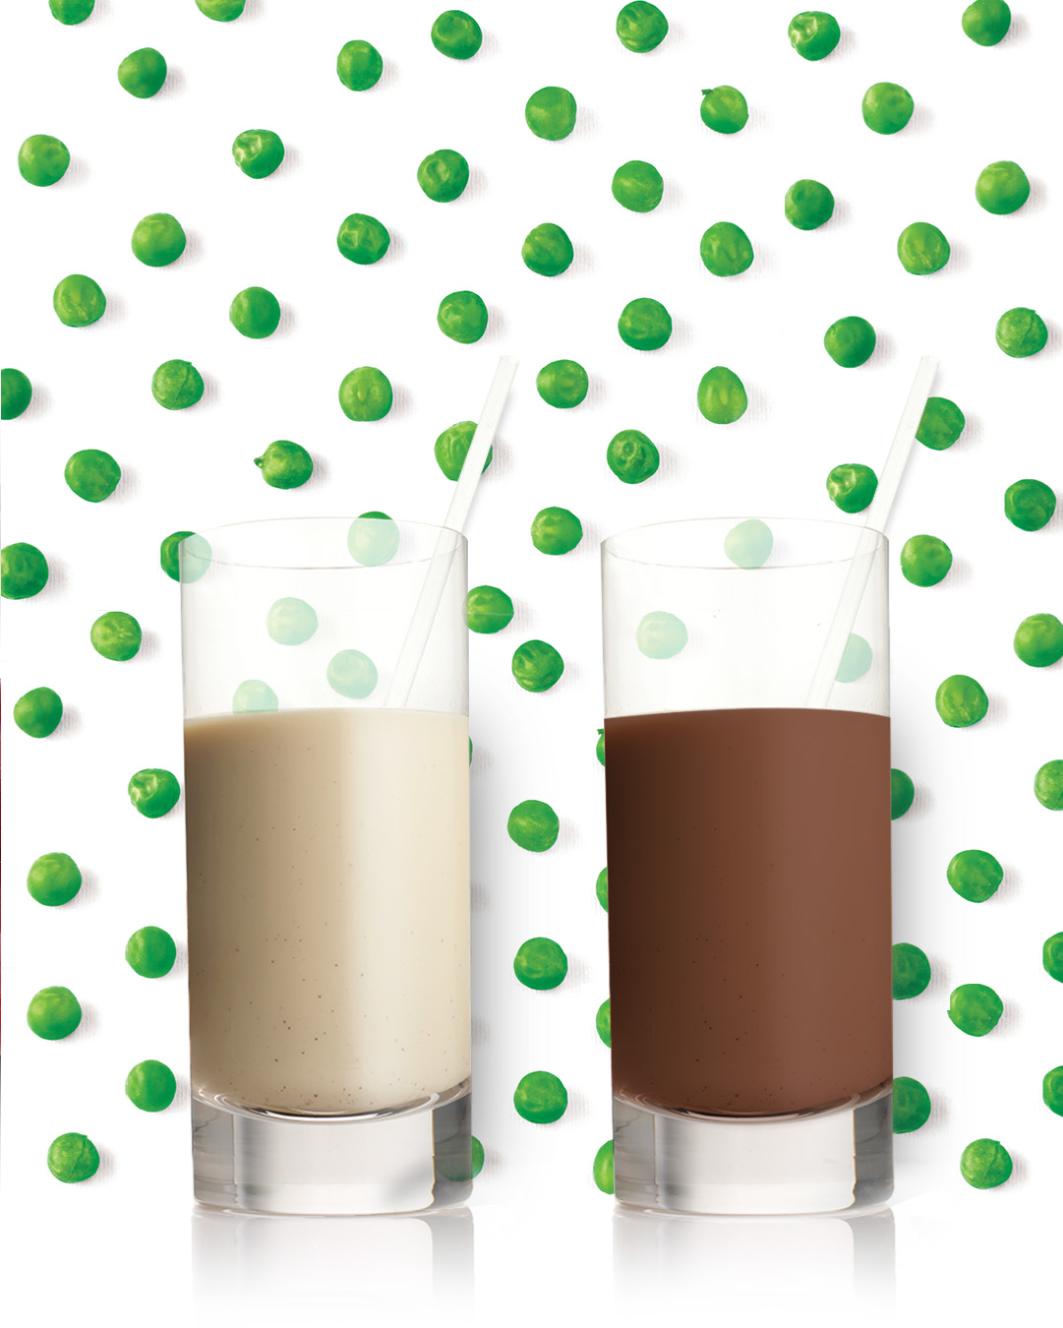 Protein powder -